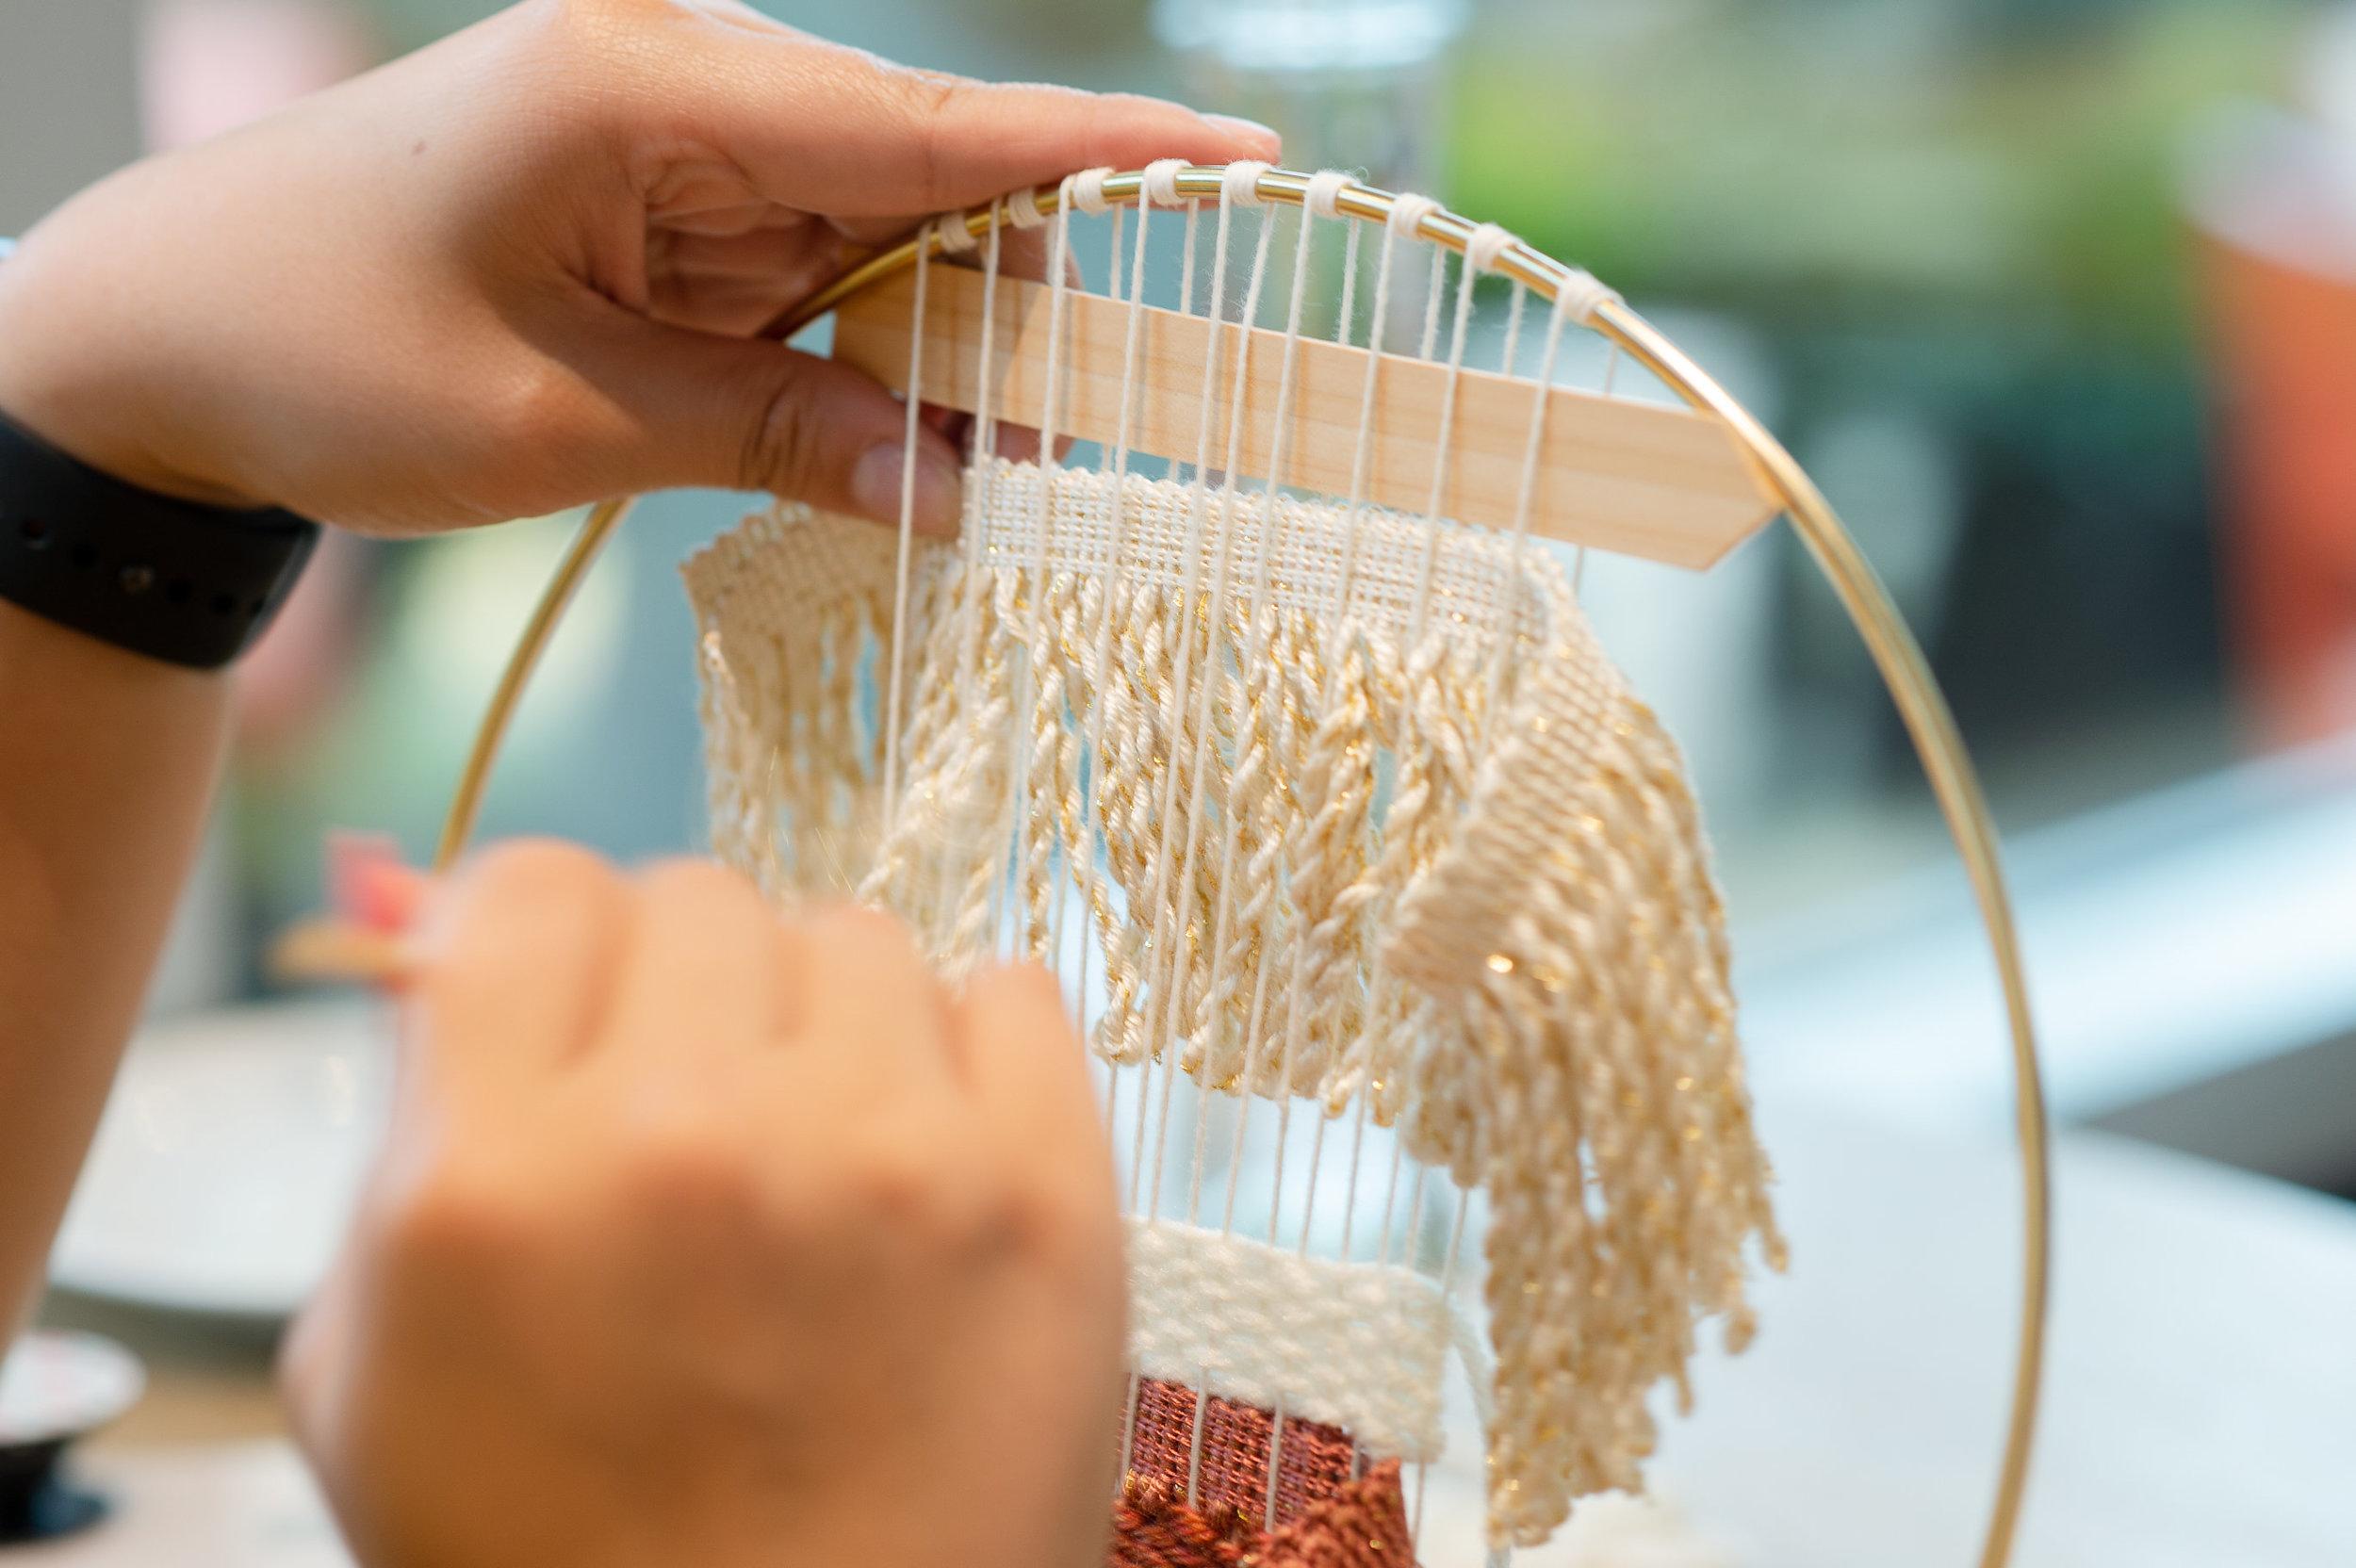 062118_WW_Weaving-45.jpg